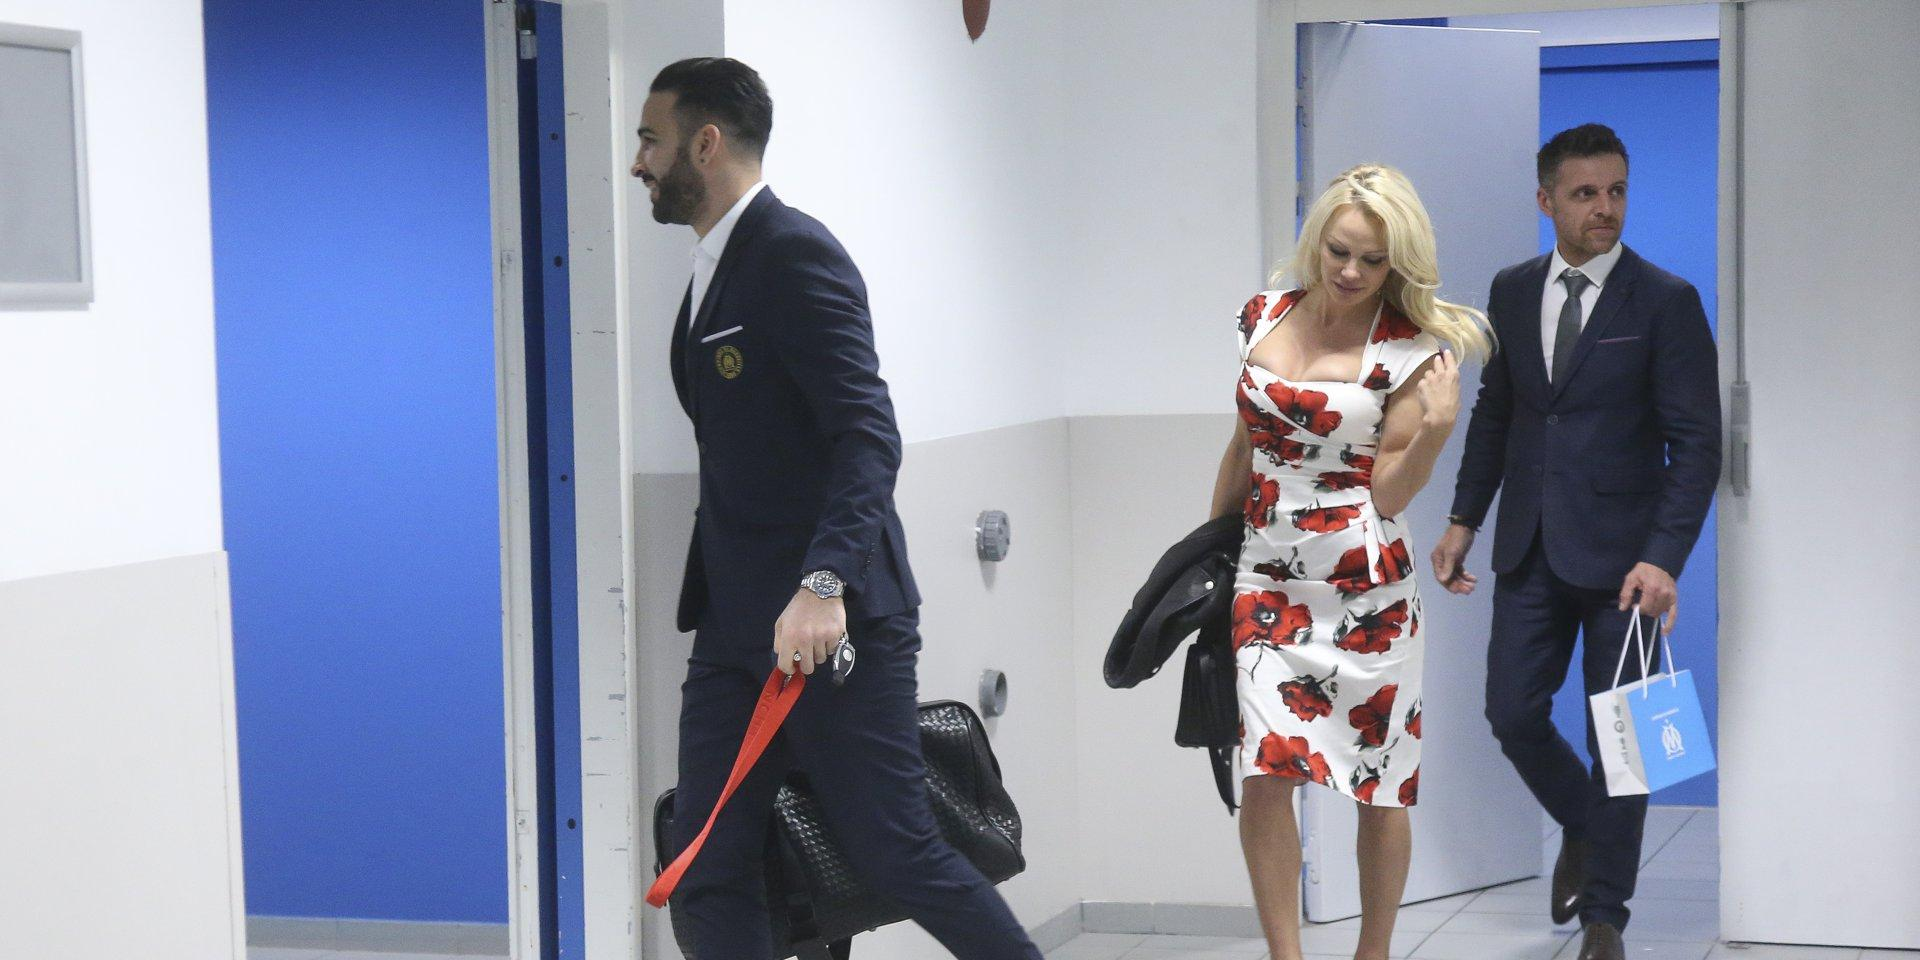 باميلا اندرسون ترفض الزواج من المغربي عادل رامي